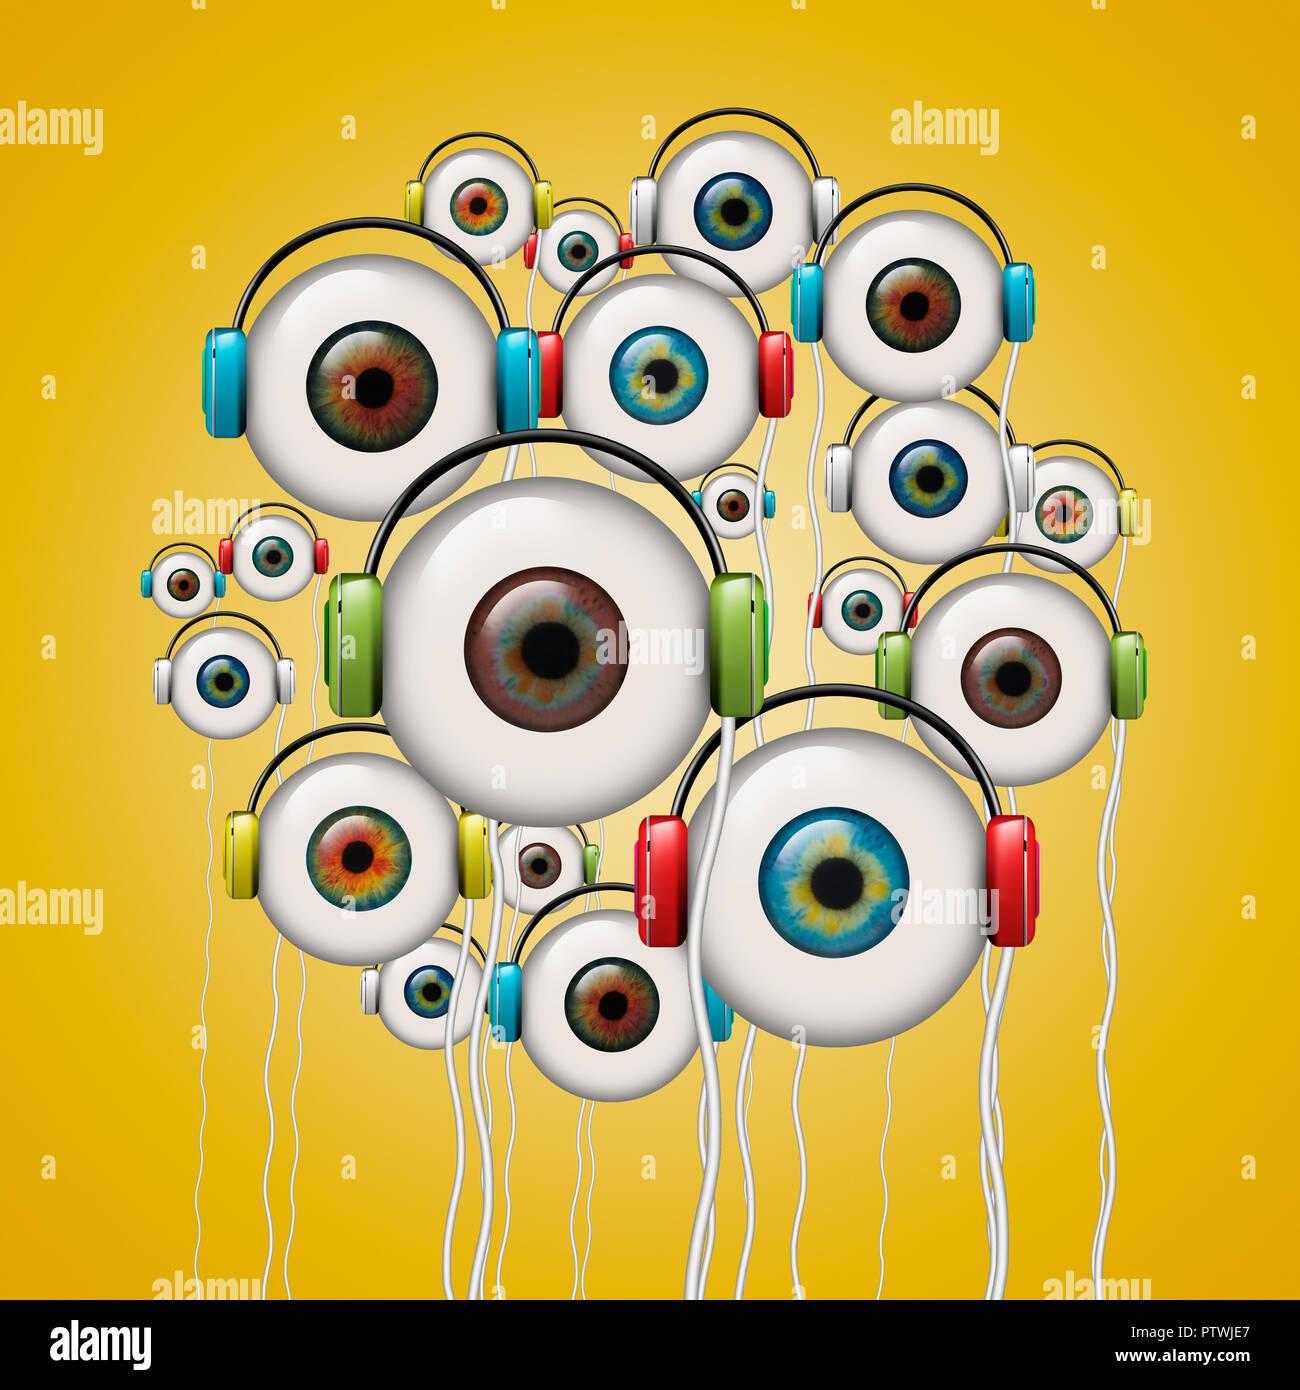 Eyeballs with headphones, digital image - Stock Image